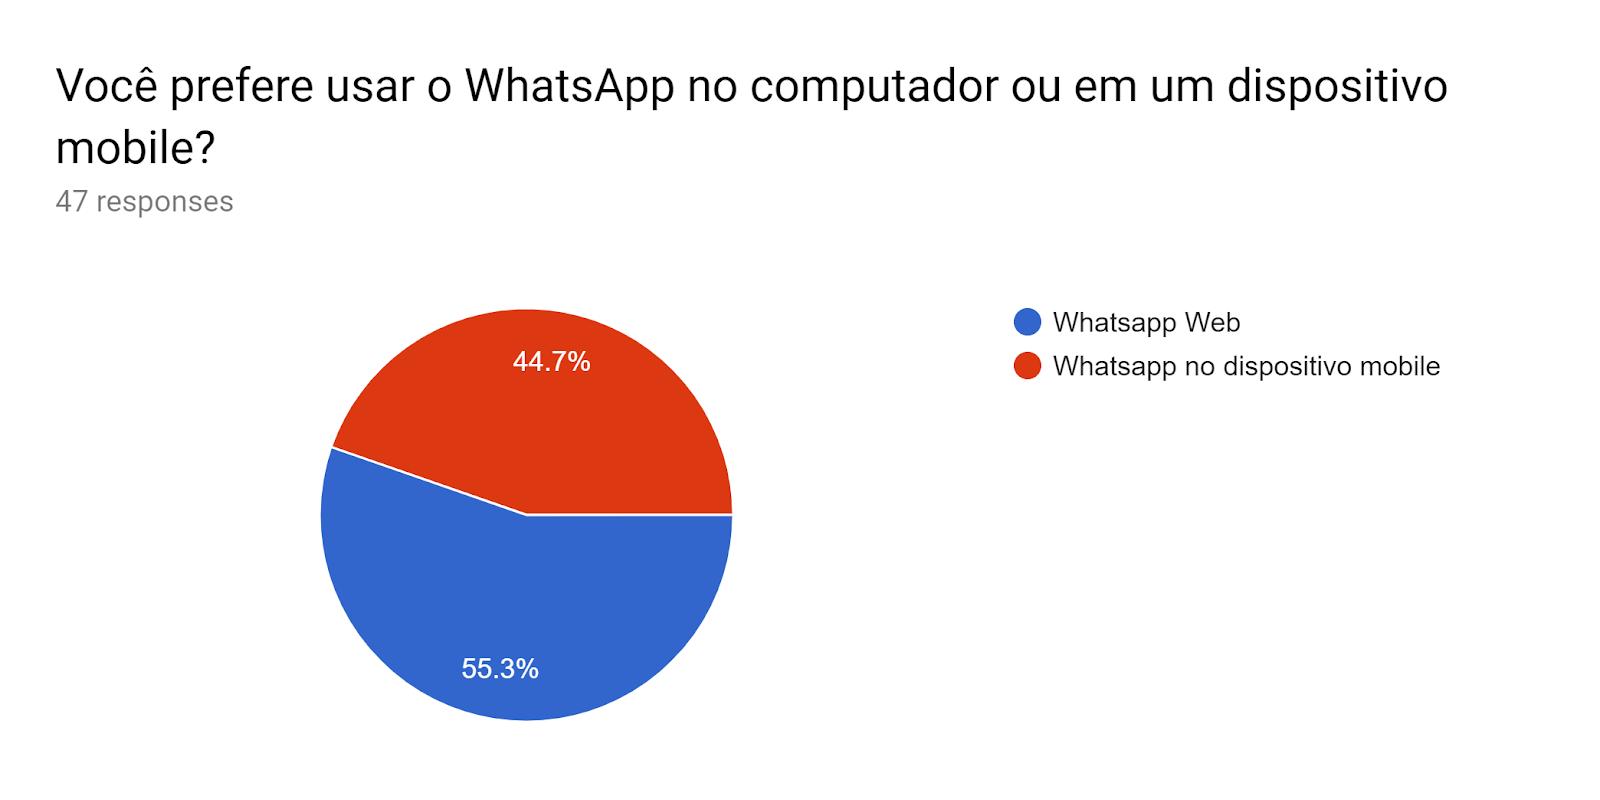 Forms response chart. Question title: Você prefere usar o WhatsApp no computador ou em um dispositivo mobile?. Number of responses: 47 responses.